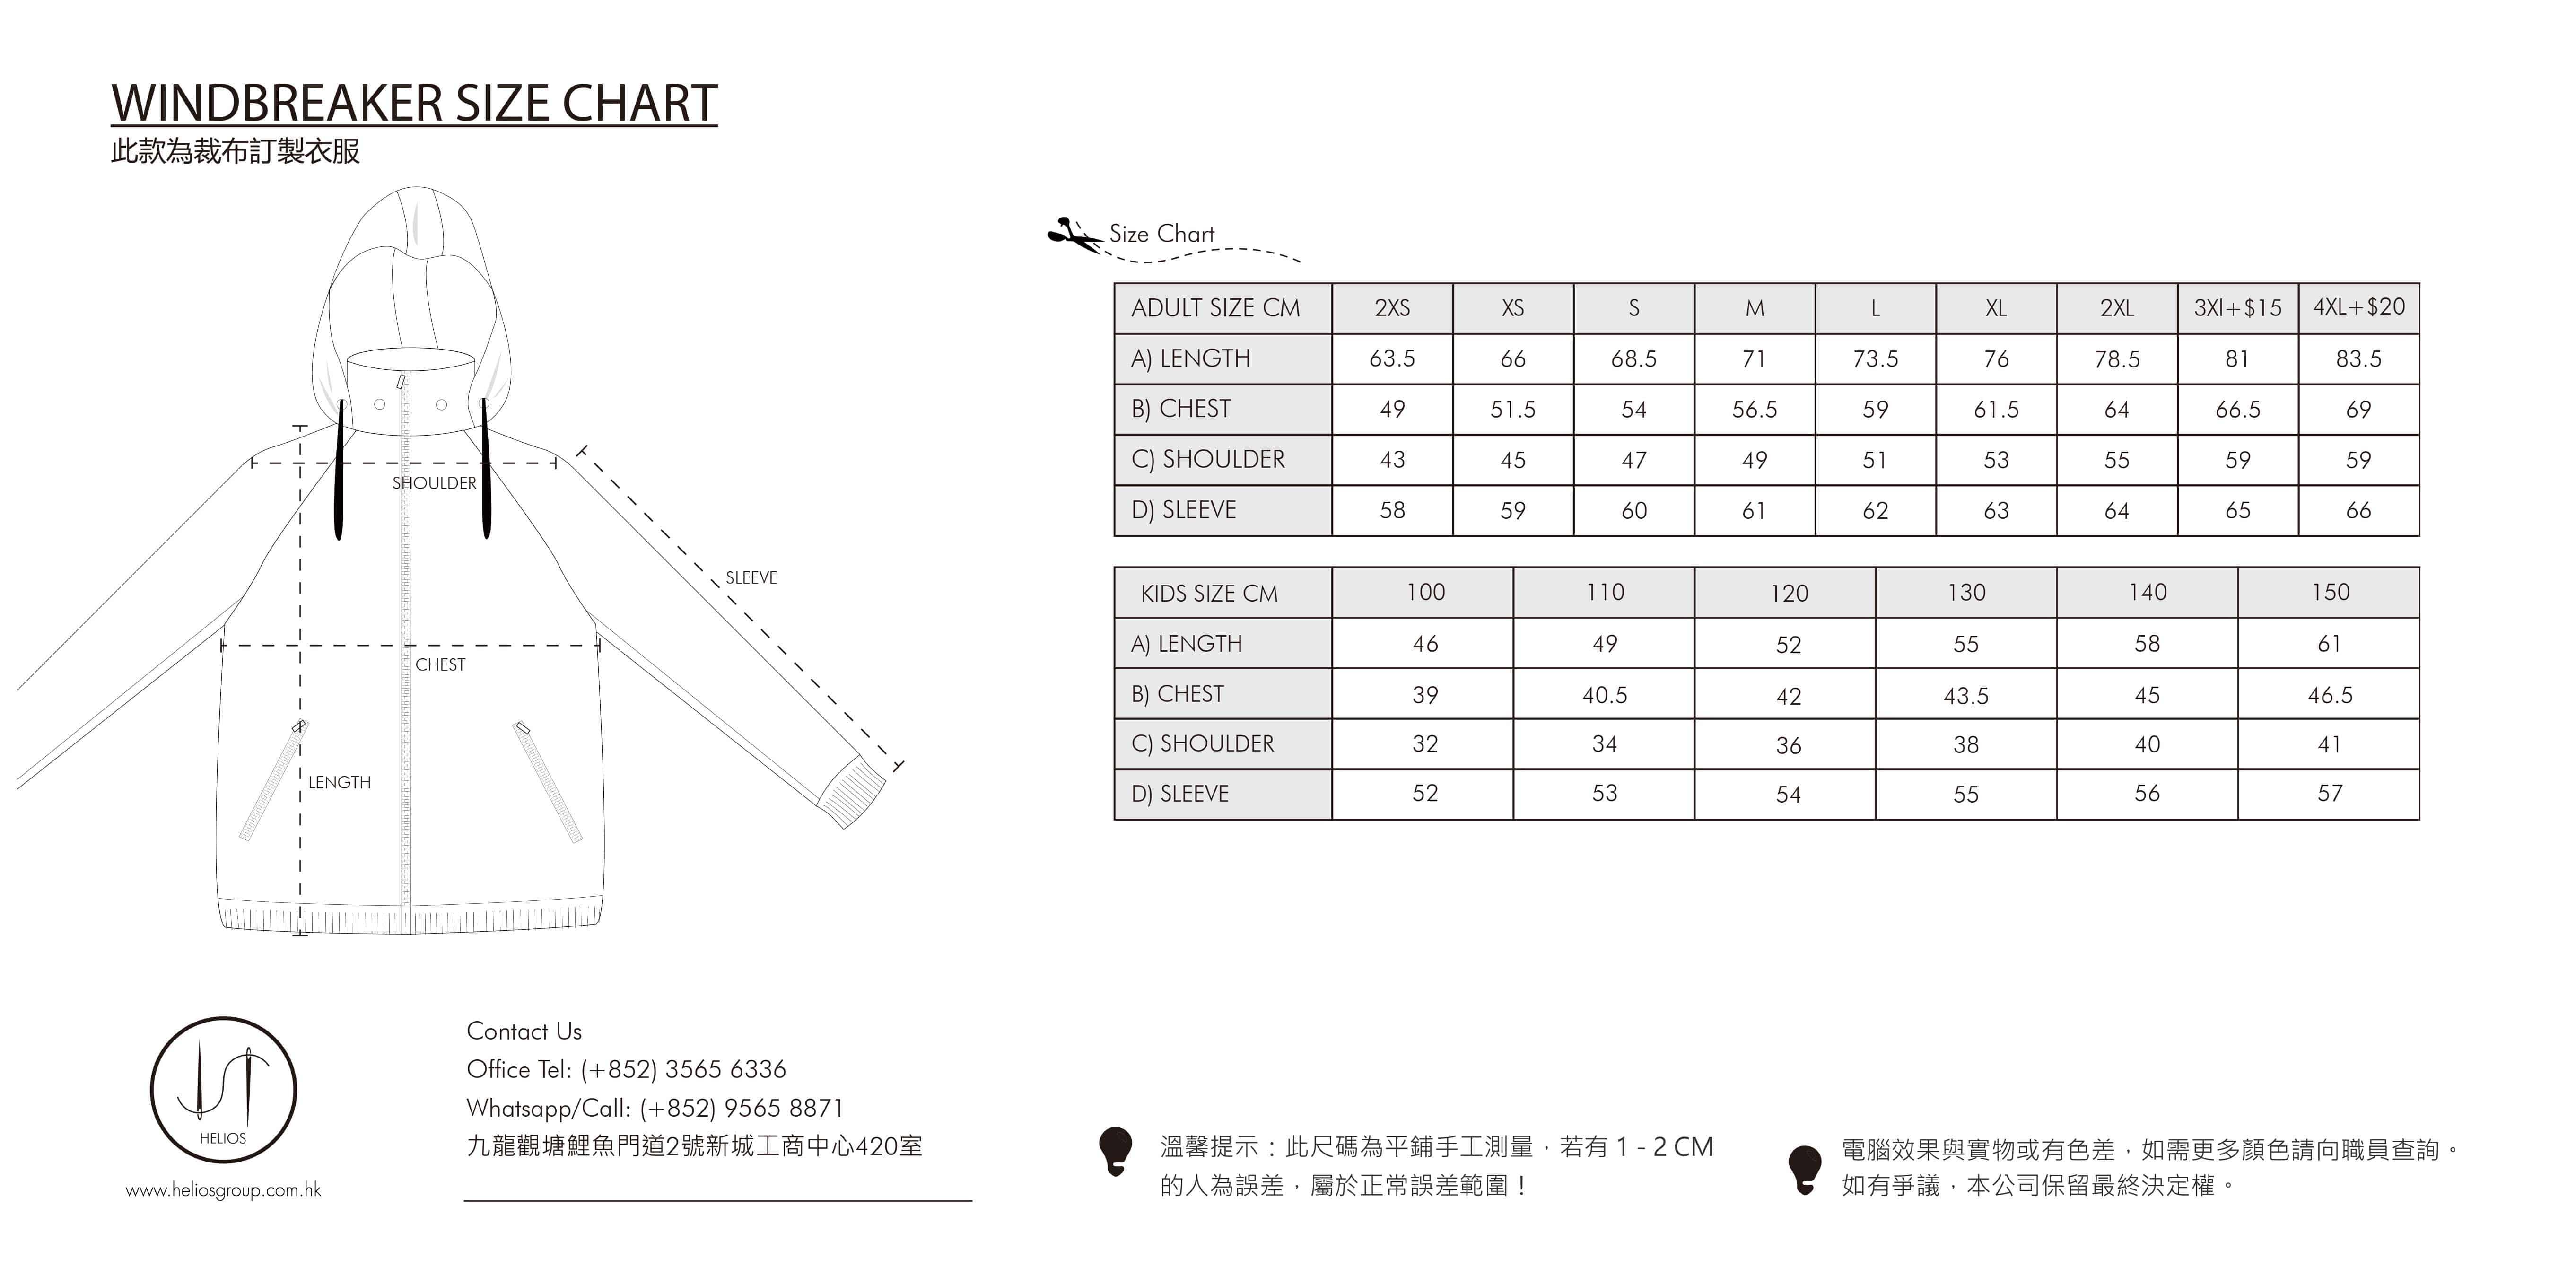 裁布製WINDBREAKER尺碼表